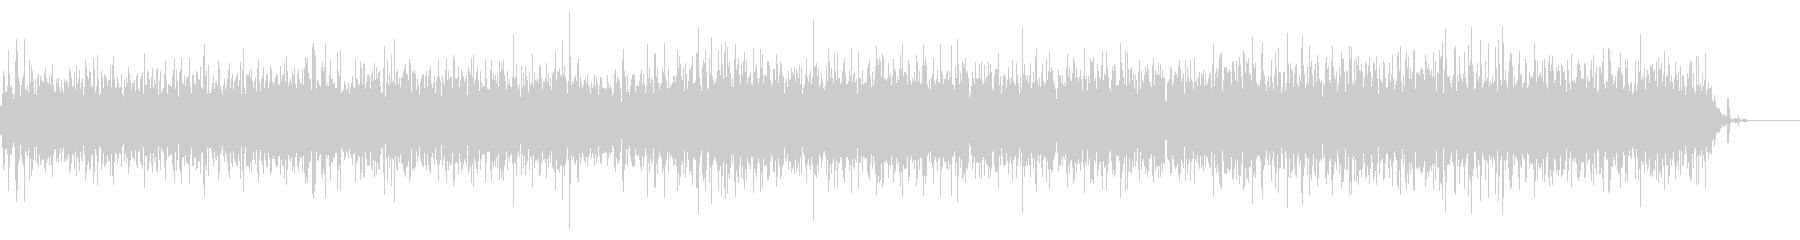 スモール・スレイ・ベルズ:連続的な...の未再生の波形